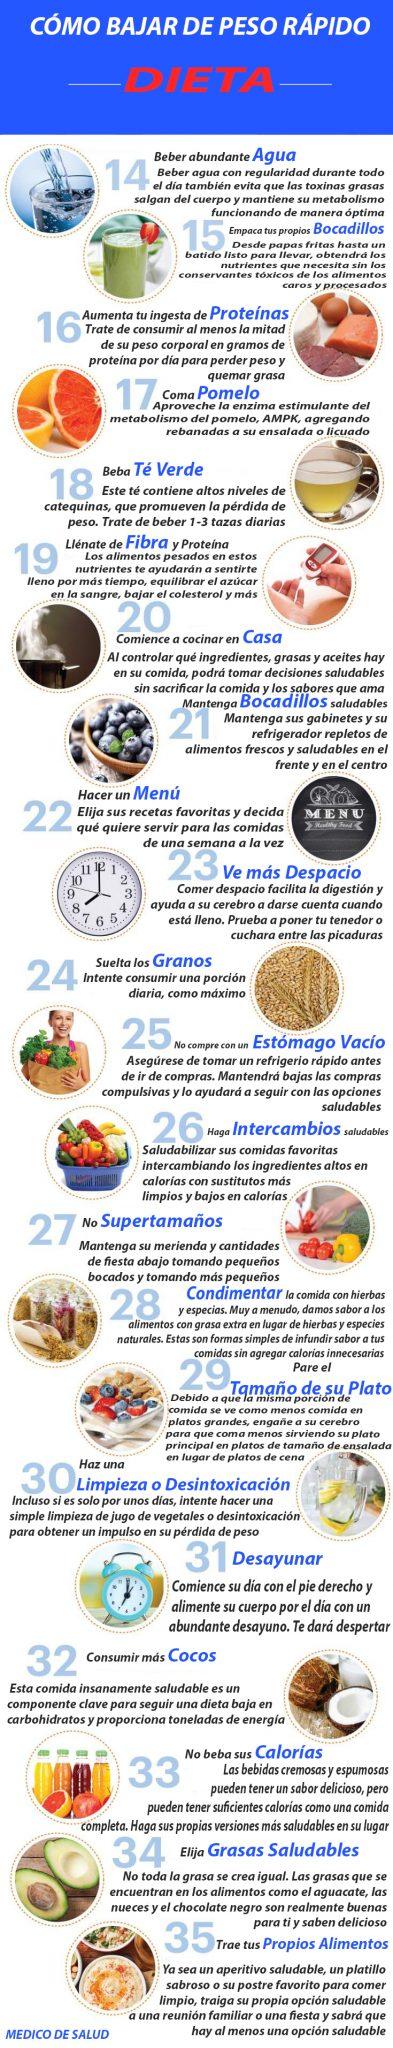 Cómo perder peso rápidamente: SECRETOS DE DIETA 49 secretos para | cómo perder peso rápido 49 Secretos para | Cómo Perder Peso Rápido C  mo perder peso r  pidamente SECRETOS DE DIETA